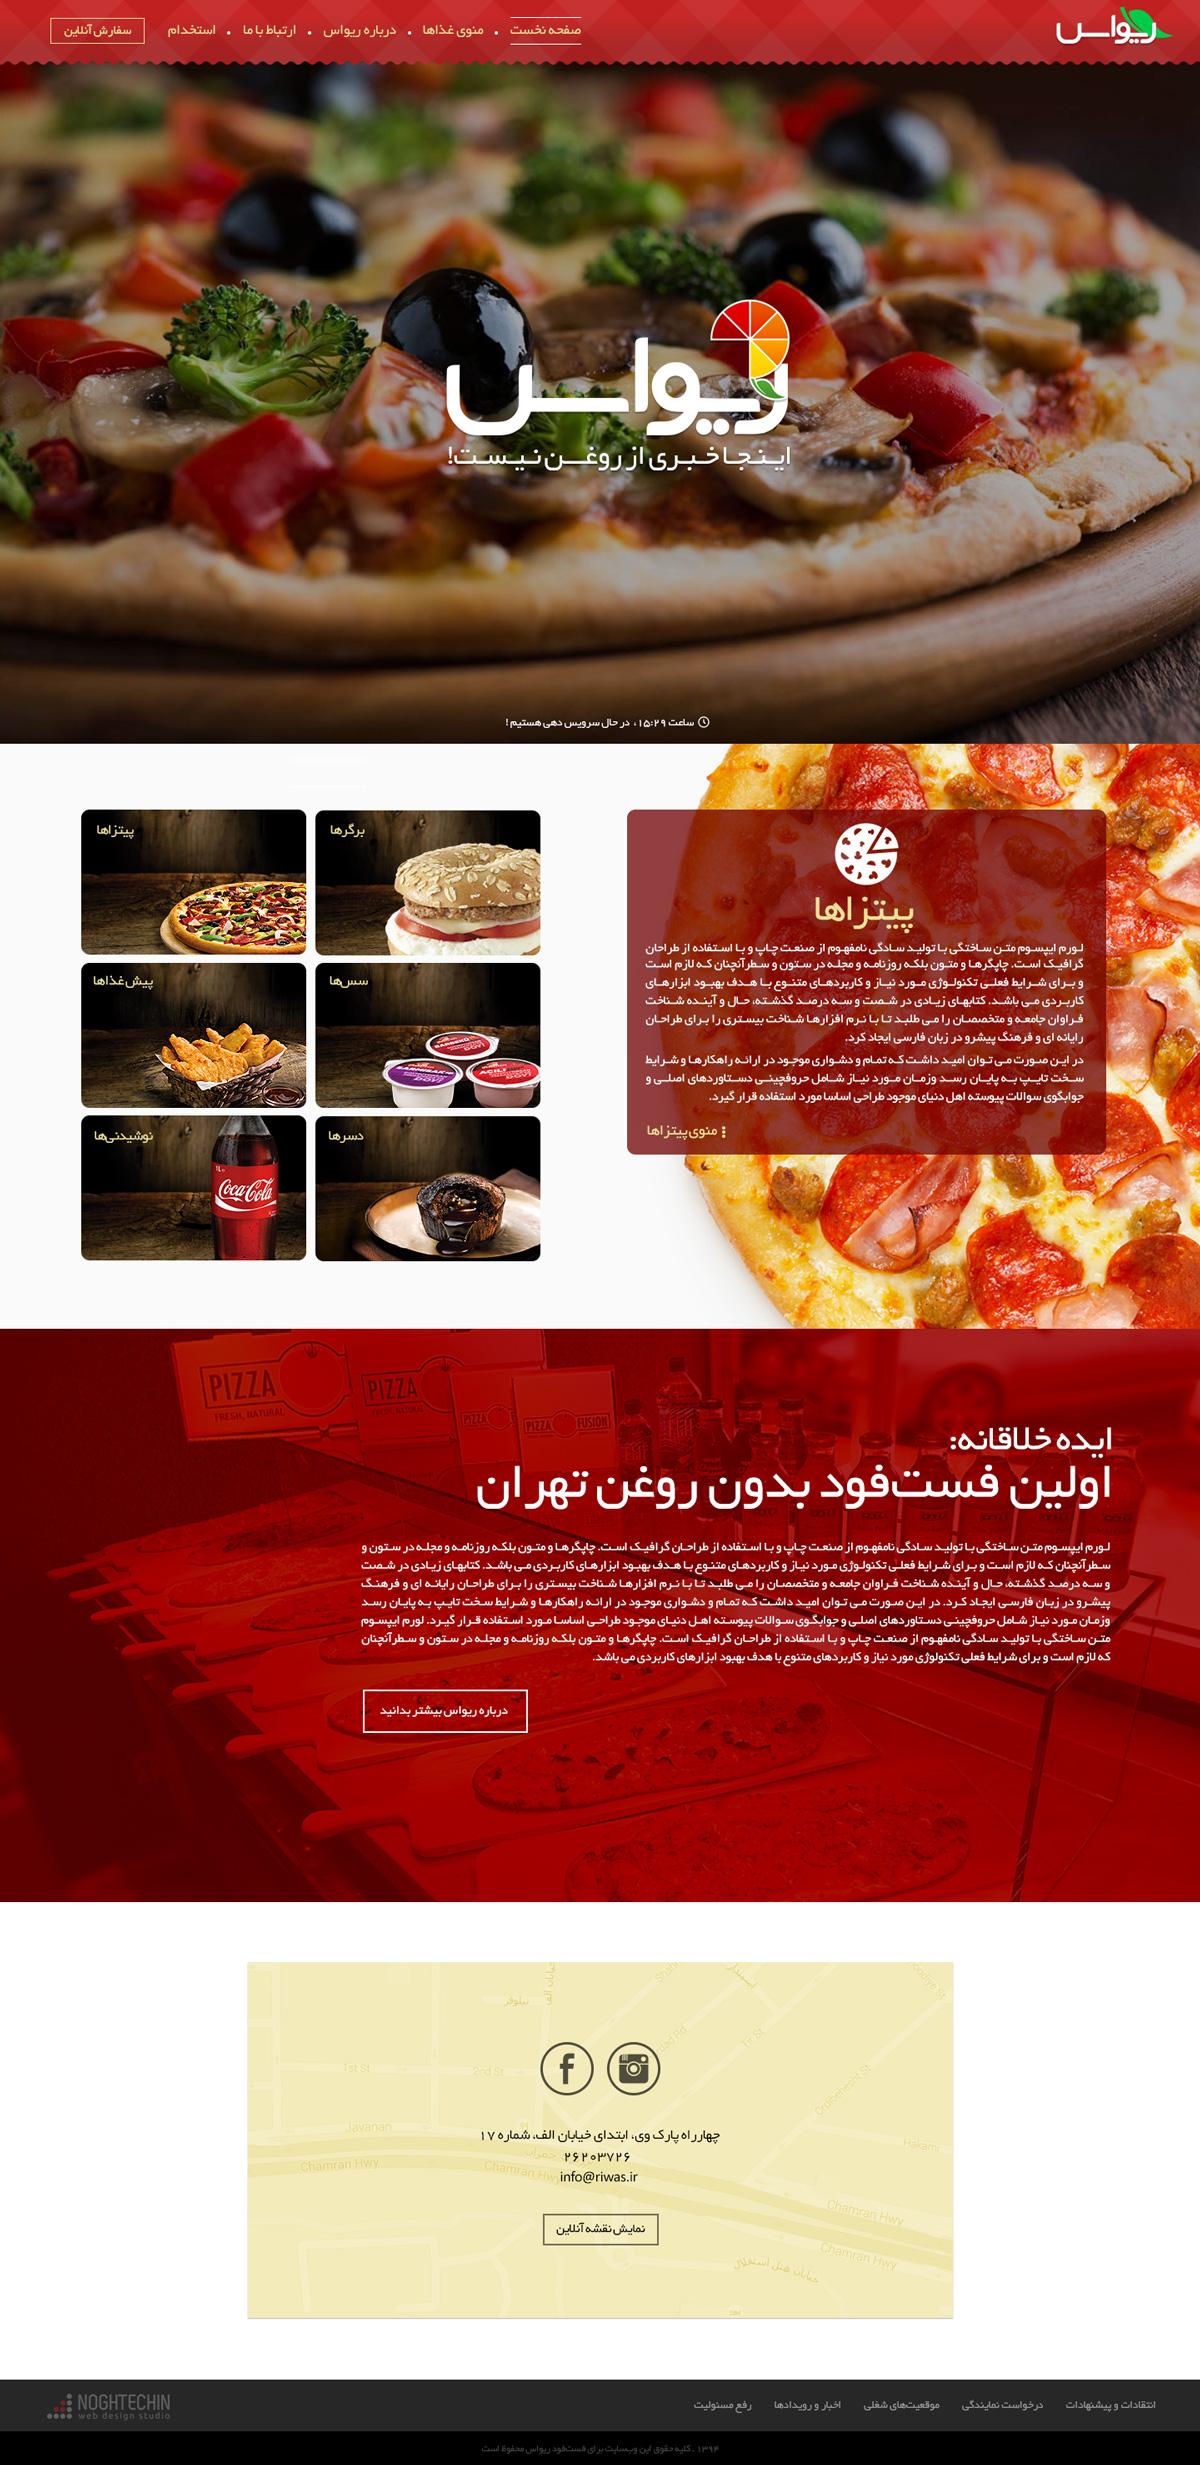 Riwas Fastfood